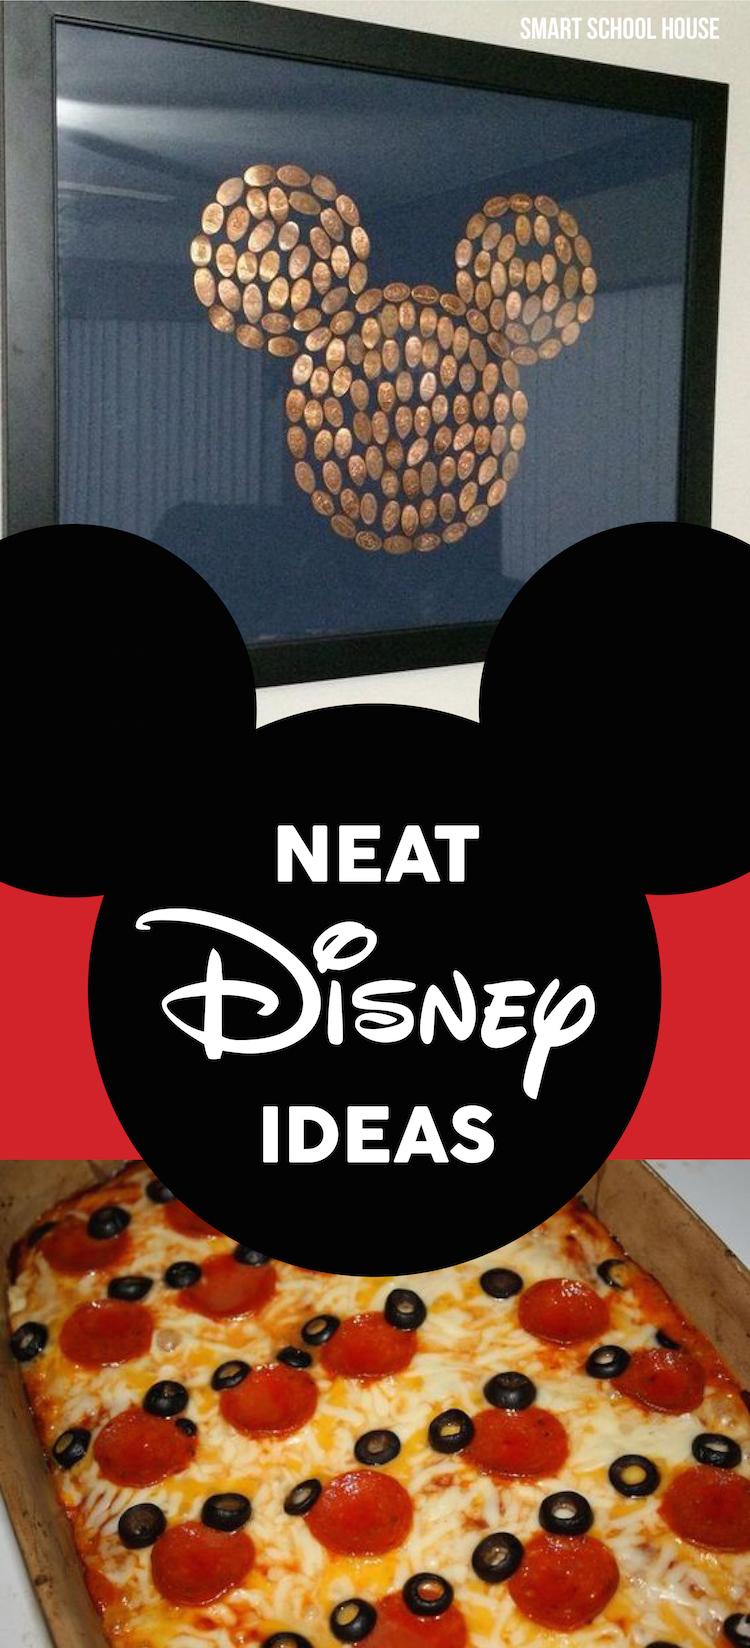 Neat Disney Ideas Smart School House